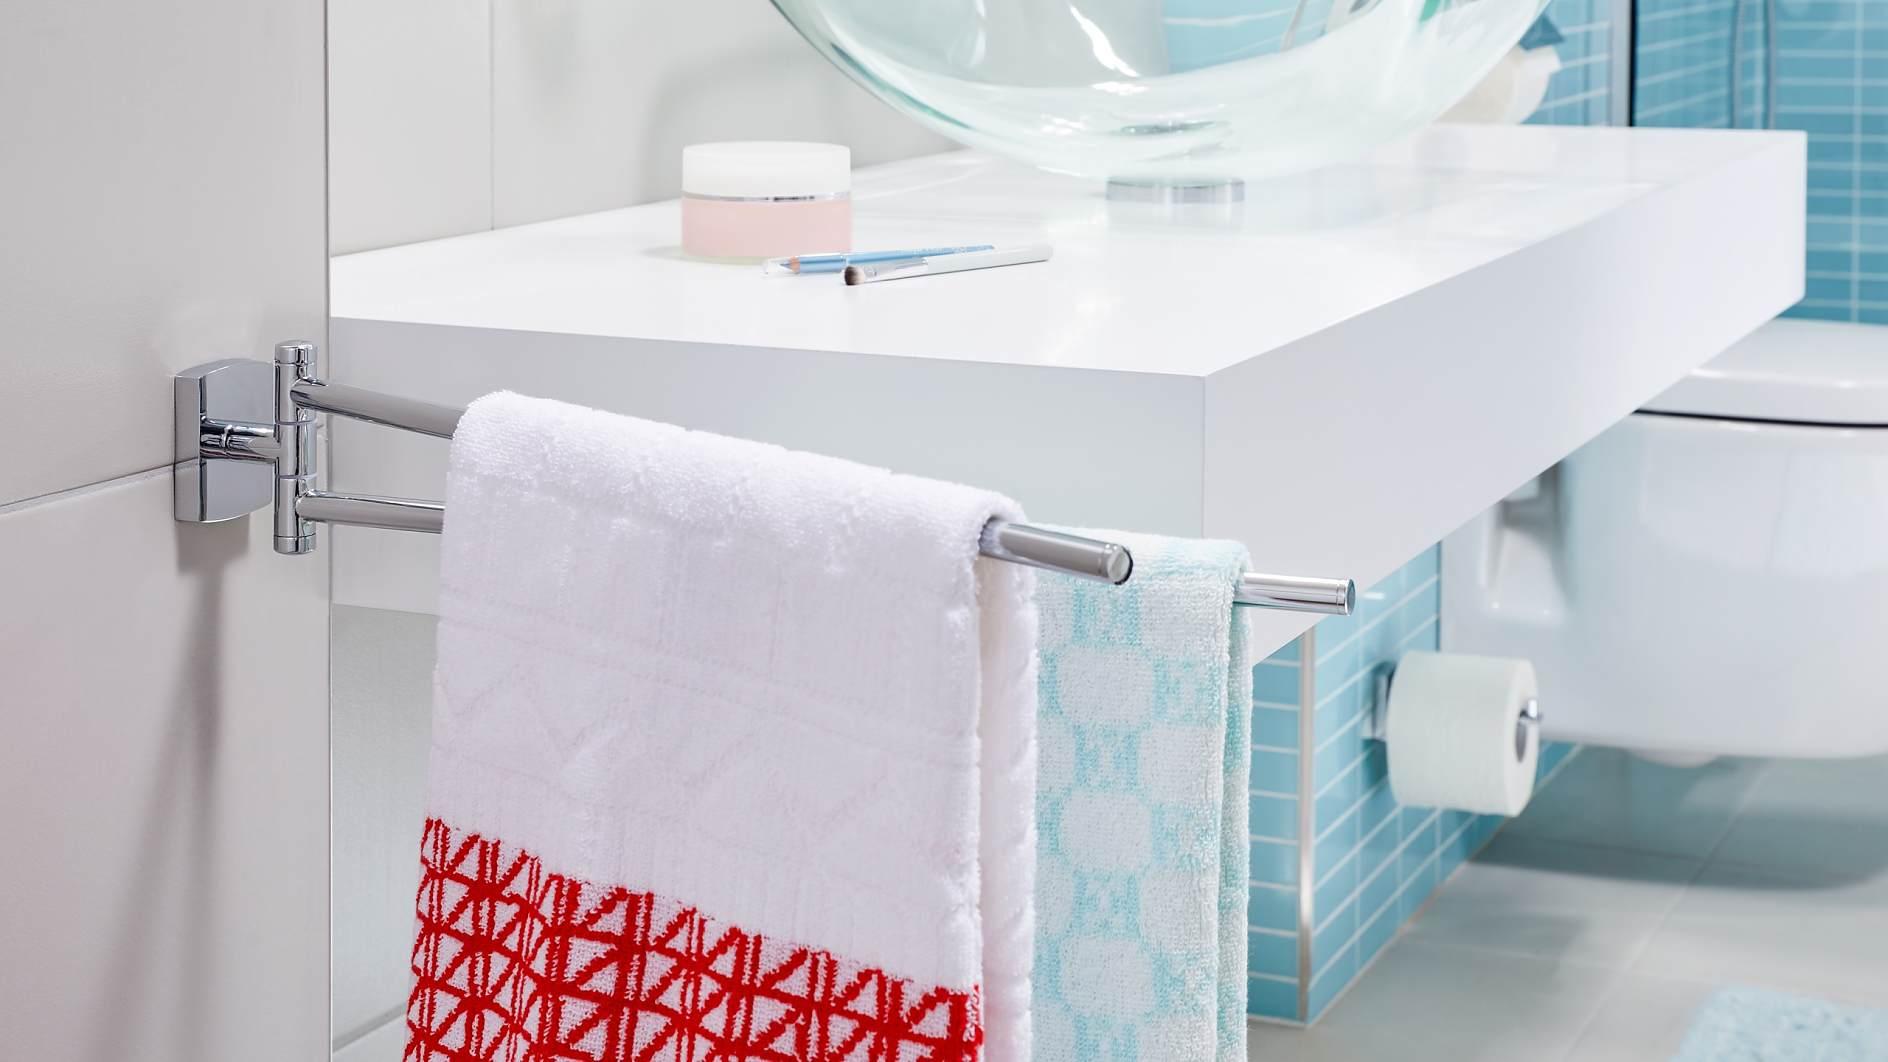 Handtuchhalter zweiarmig schwenkbar mit eckiger Wandplatte